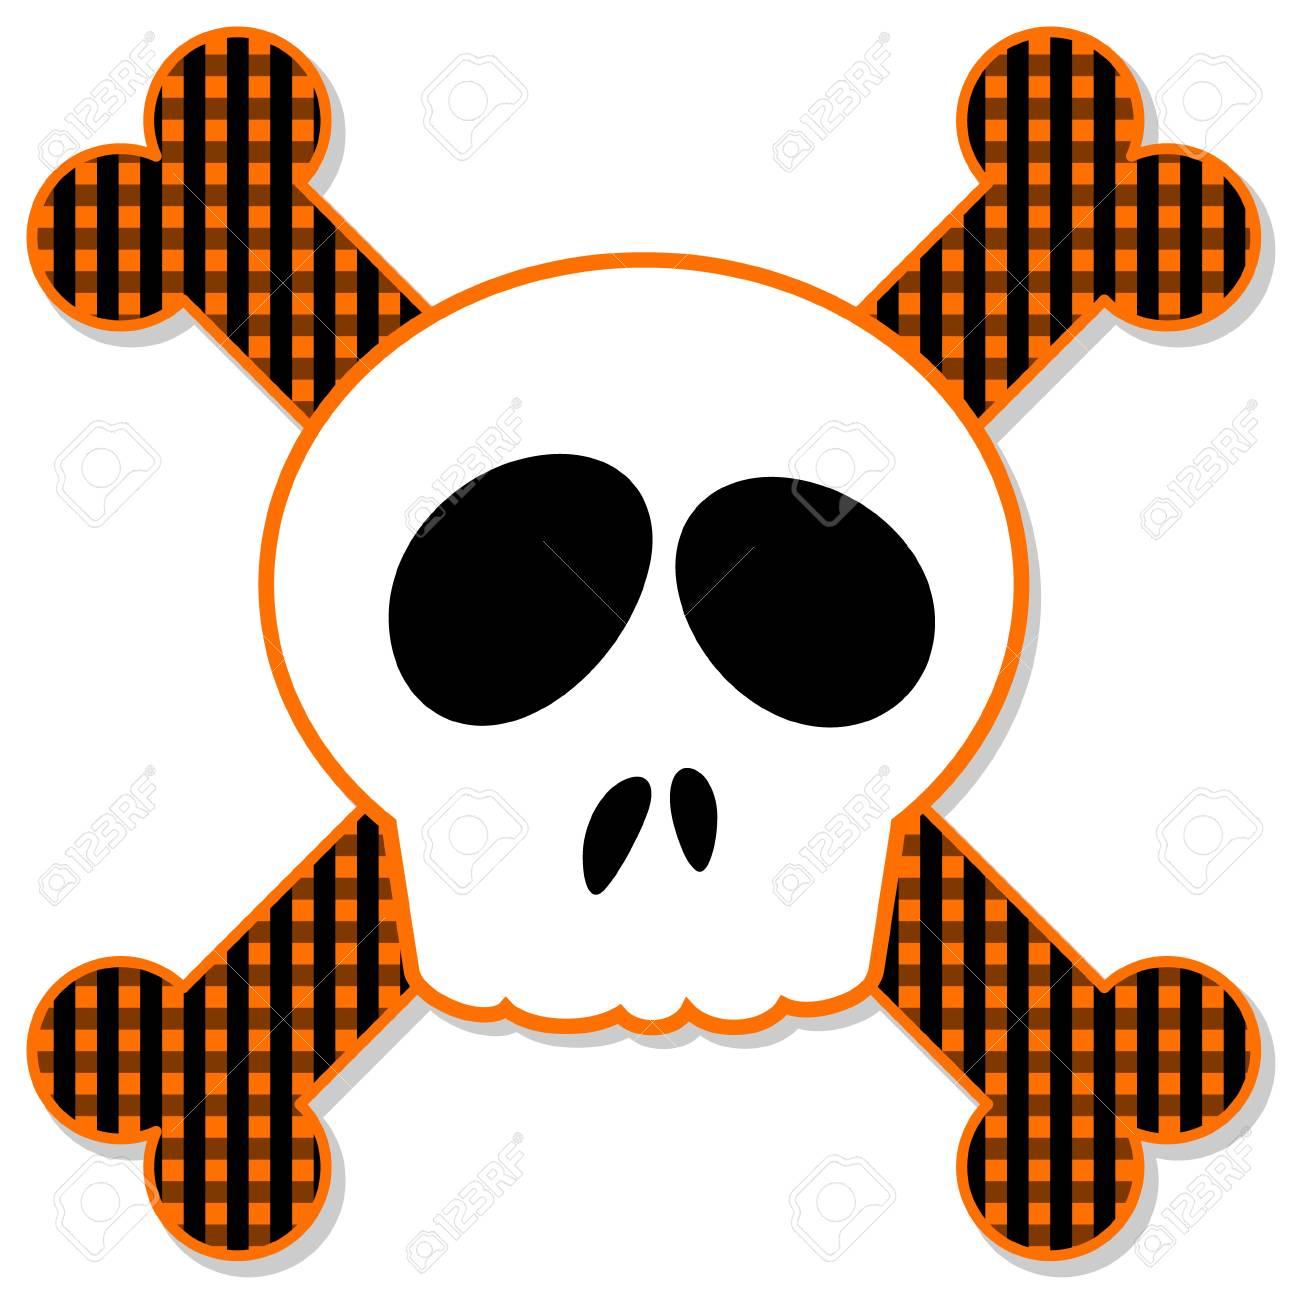 Skull and Crossbones Stock Vector - 10182075